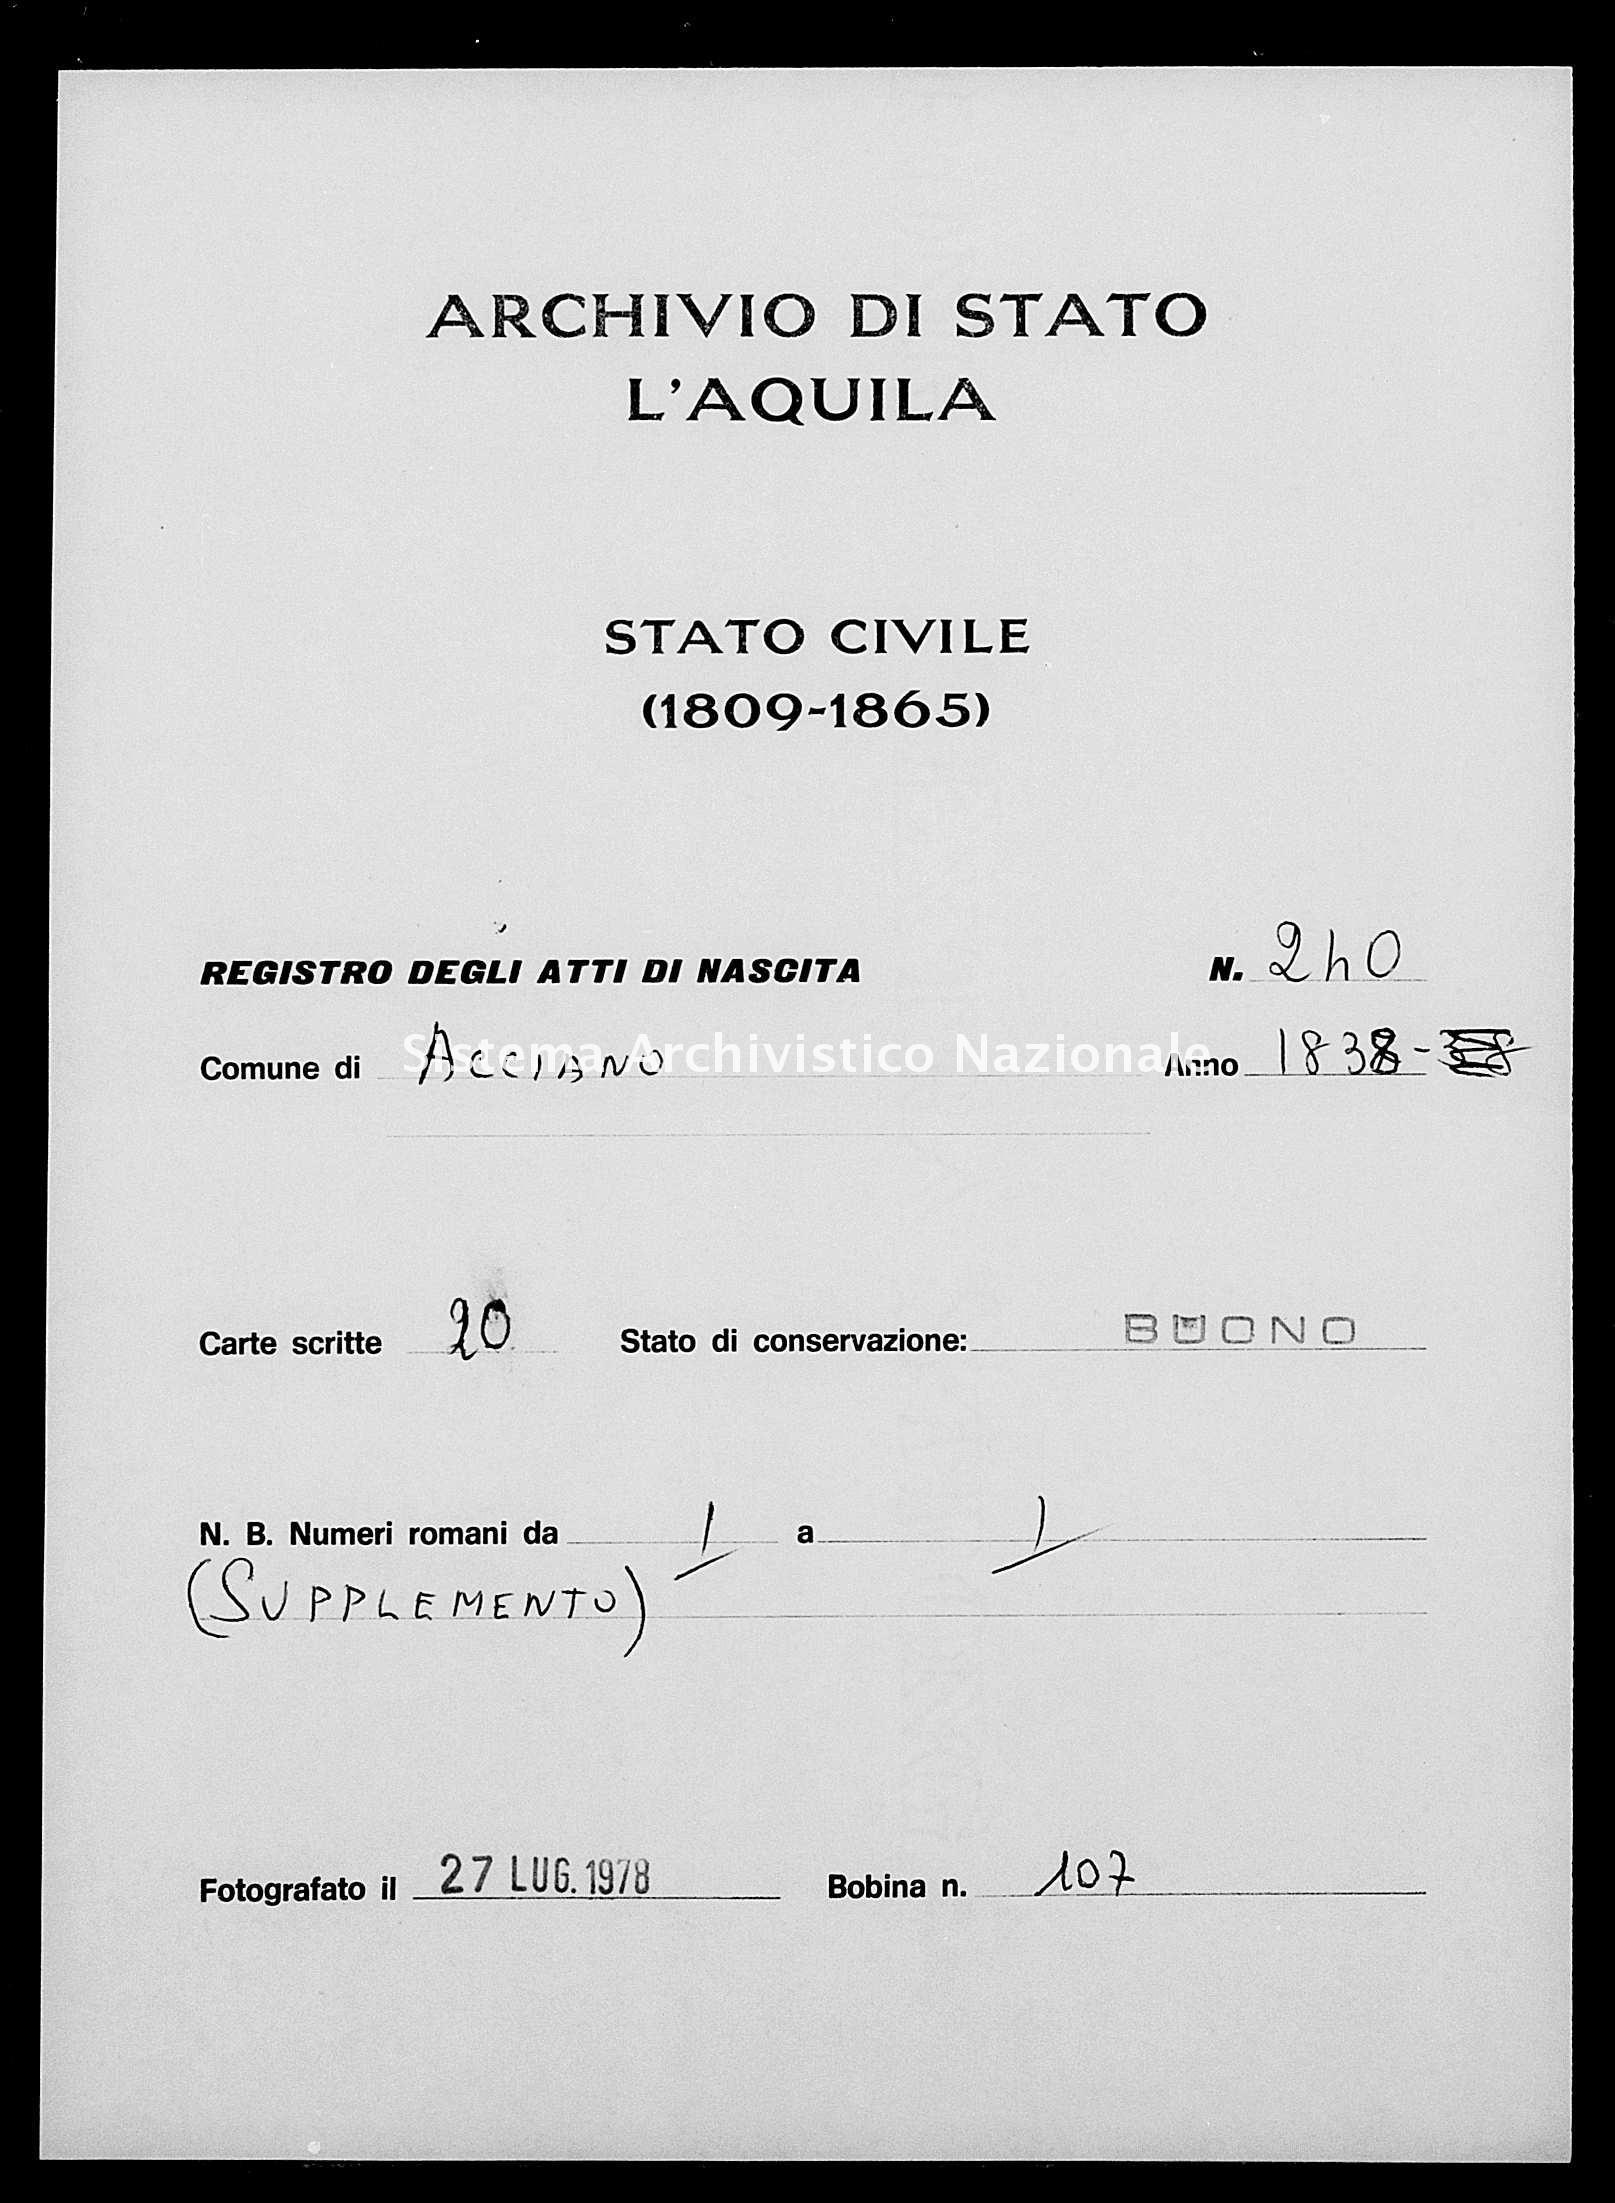 Archivio di stato di L'aquila - Stato civile della restaurazione - Acciano - Nati - 1838 - 240 -